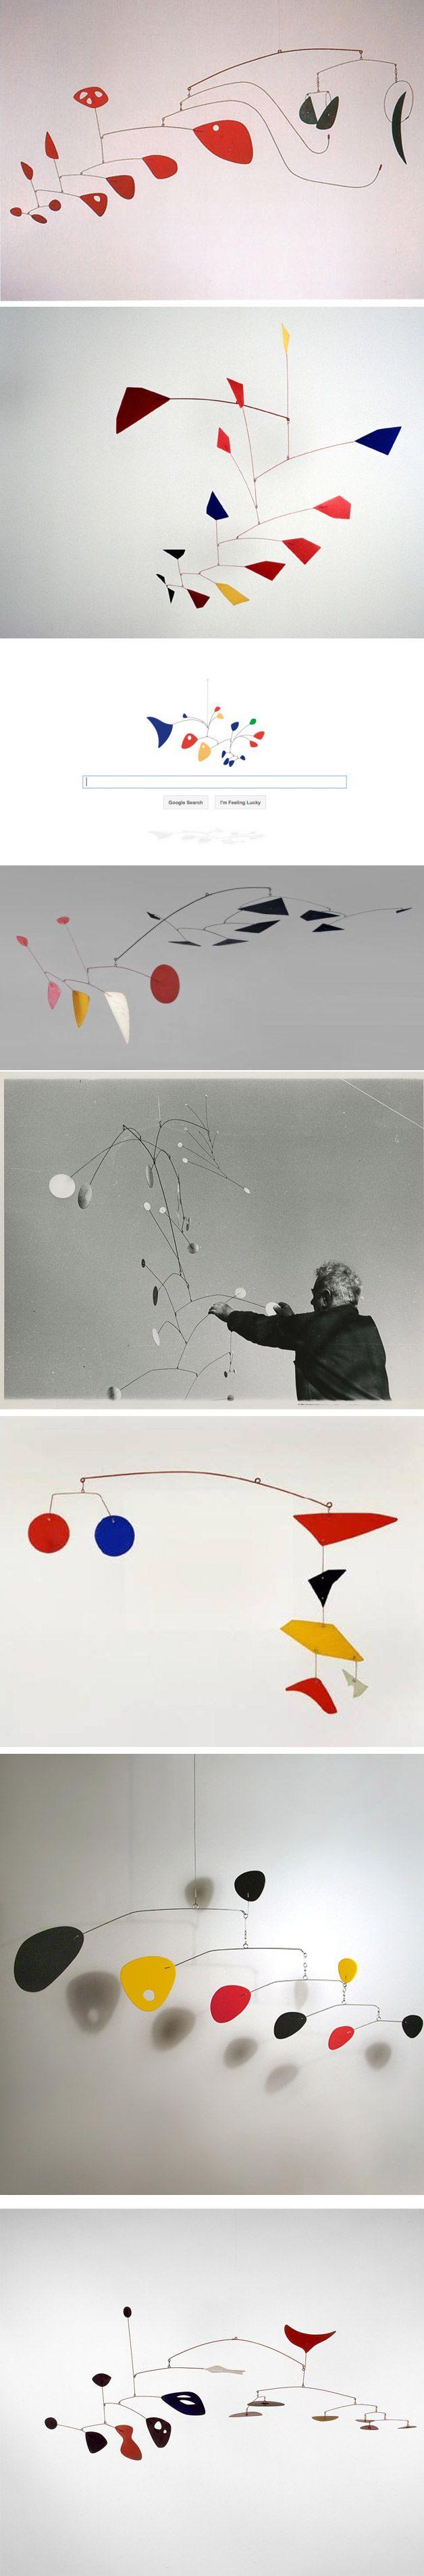 """Muita gente conhece o trabalho do artistaAlexander Calderque brilhou dos anos 30 aos 50, mas aposto que outras pessoas não. Essa coletânea de melhores móbiles do artista serve de inspiração para qualquer pessoa que goste de cores, movimento, formas e ousadia.      [youtube_sc url=""""QmdckhFdcDQ""""]    ..."""